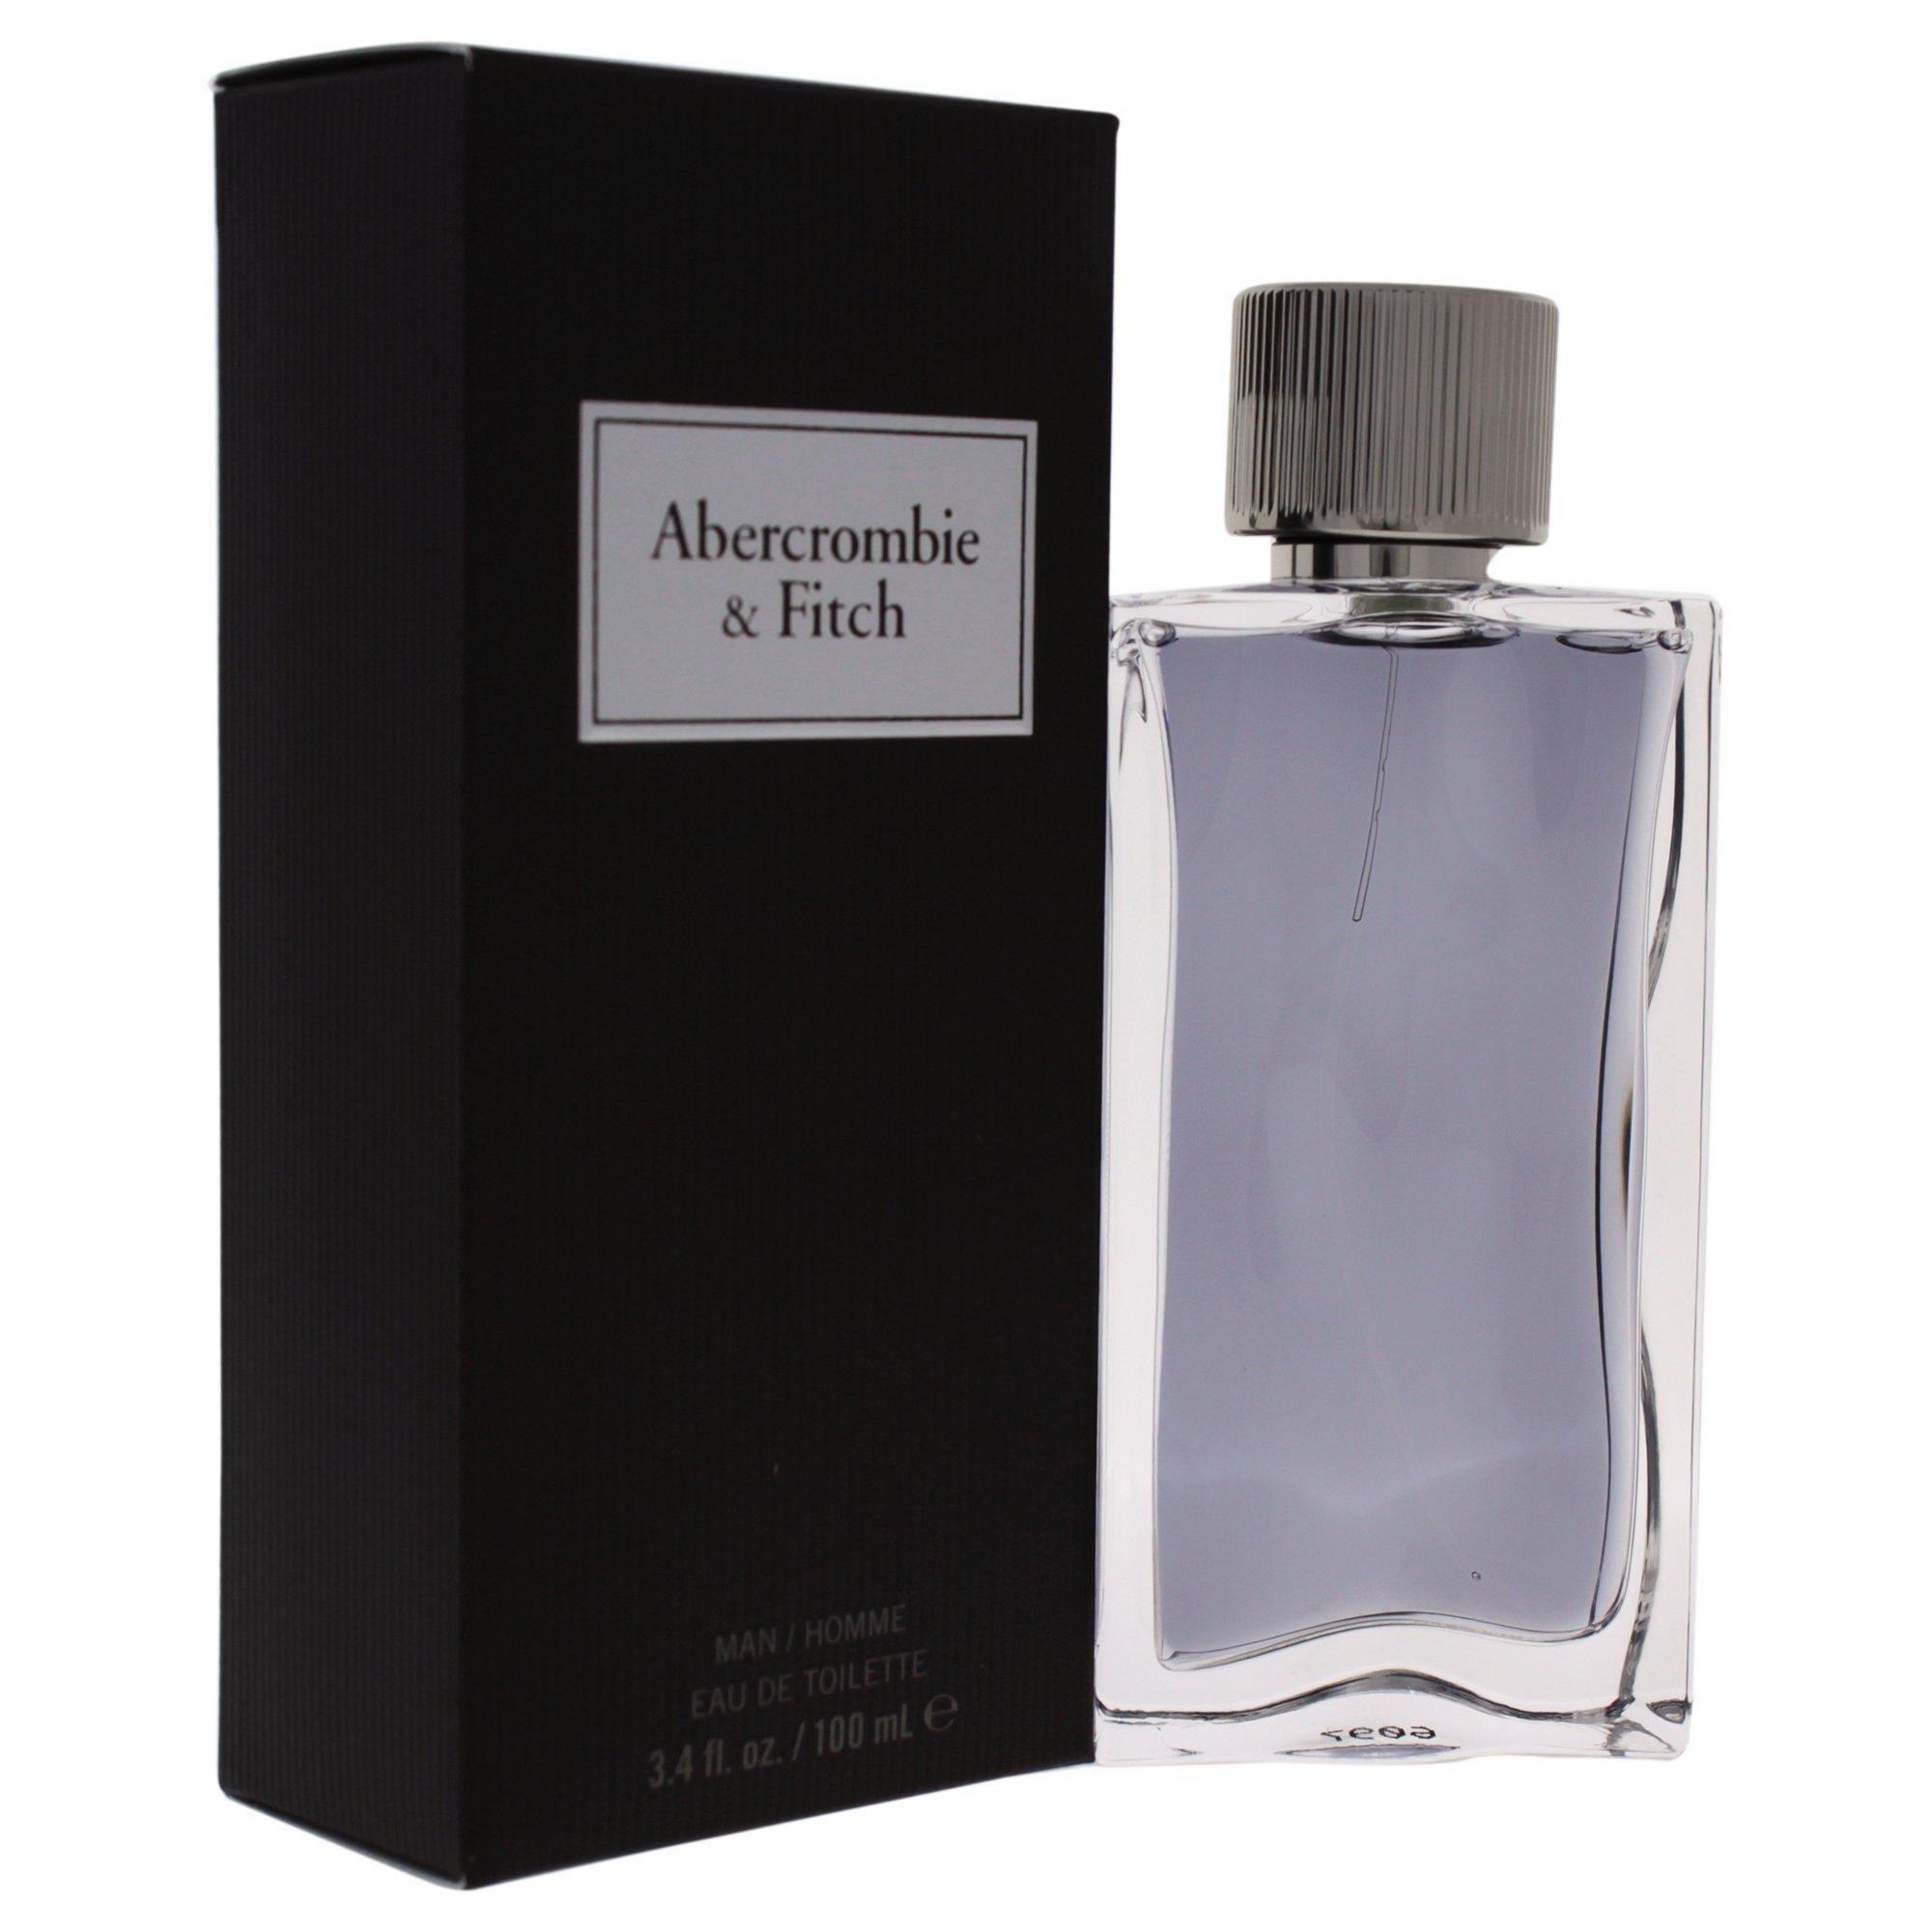 Abercrombie & Fitch First Instinct Men Eau De Toilette, 3.4 Ounce